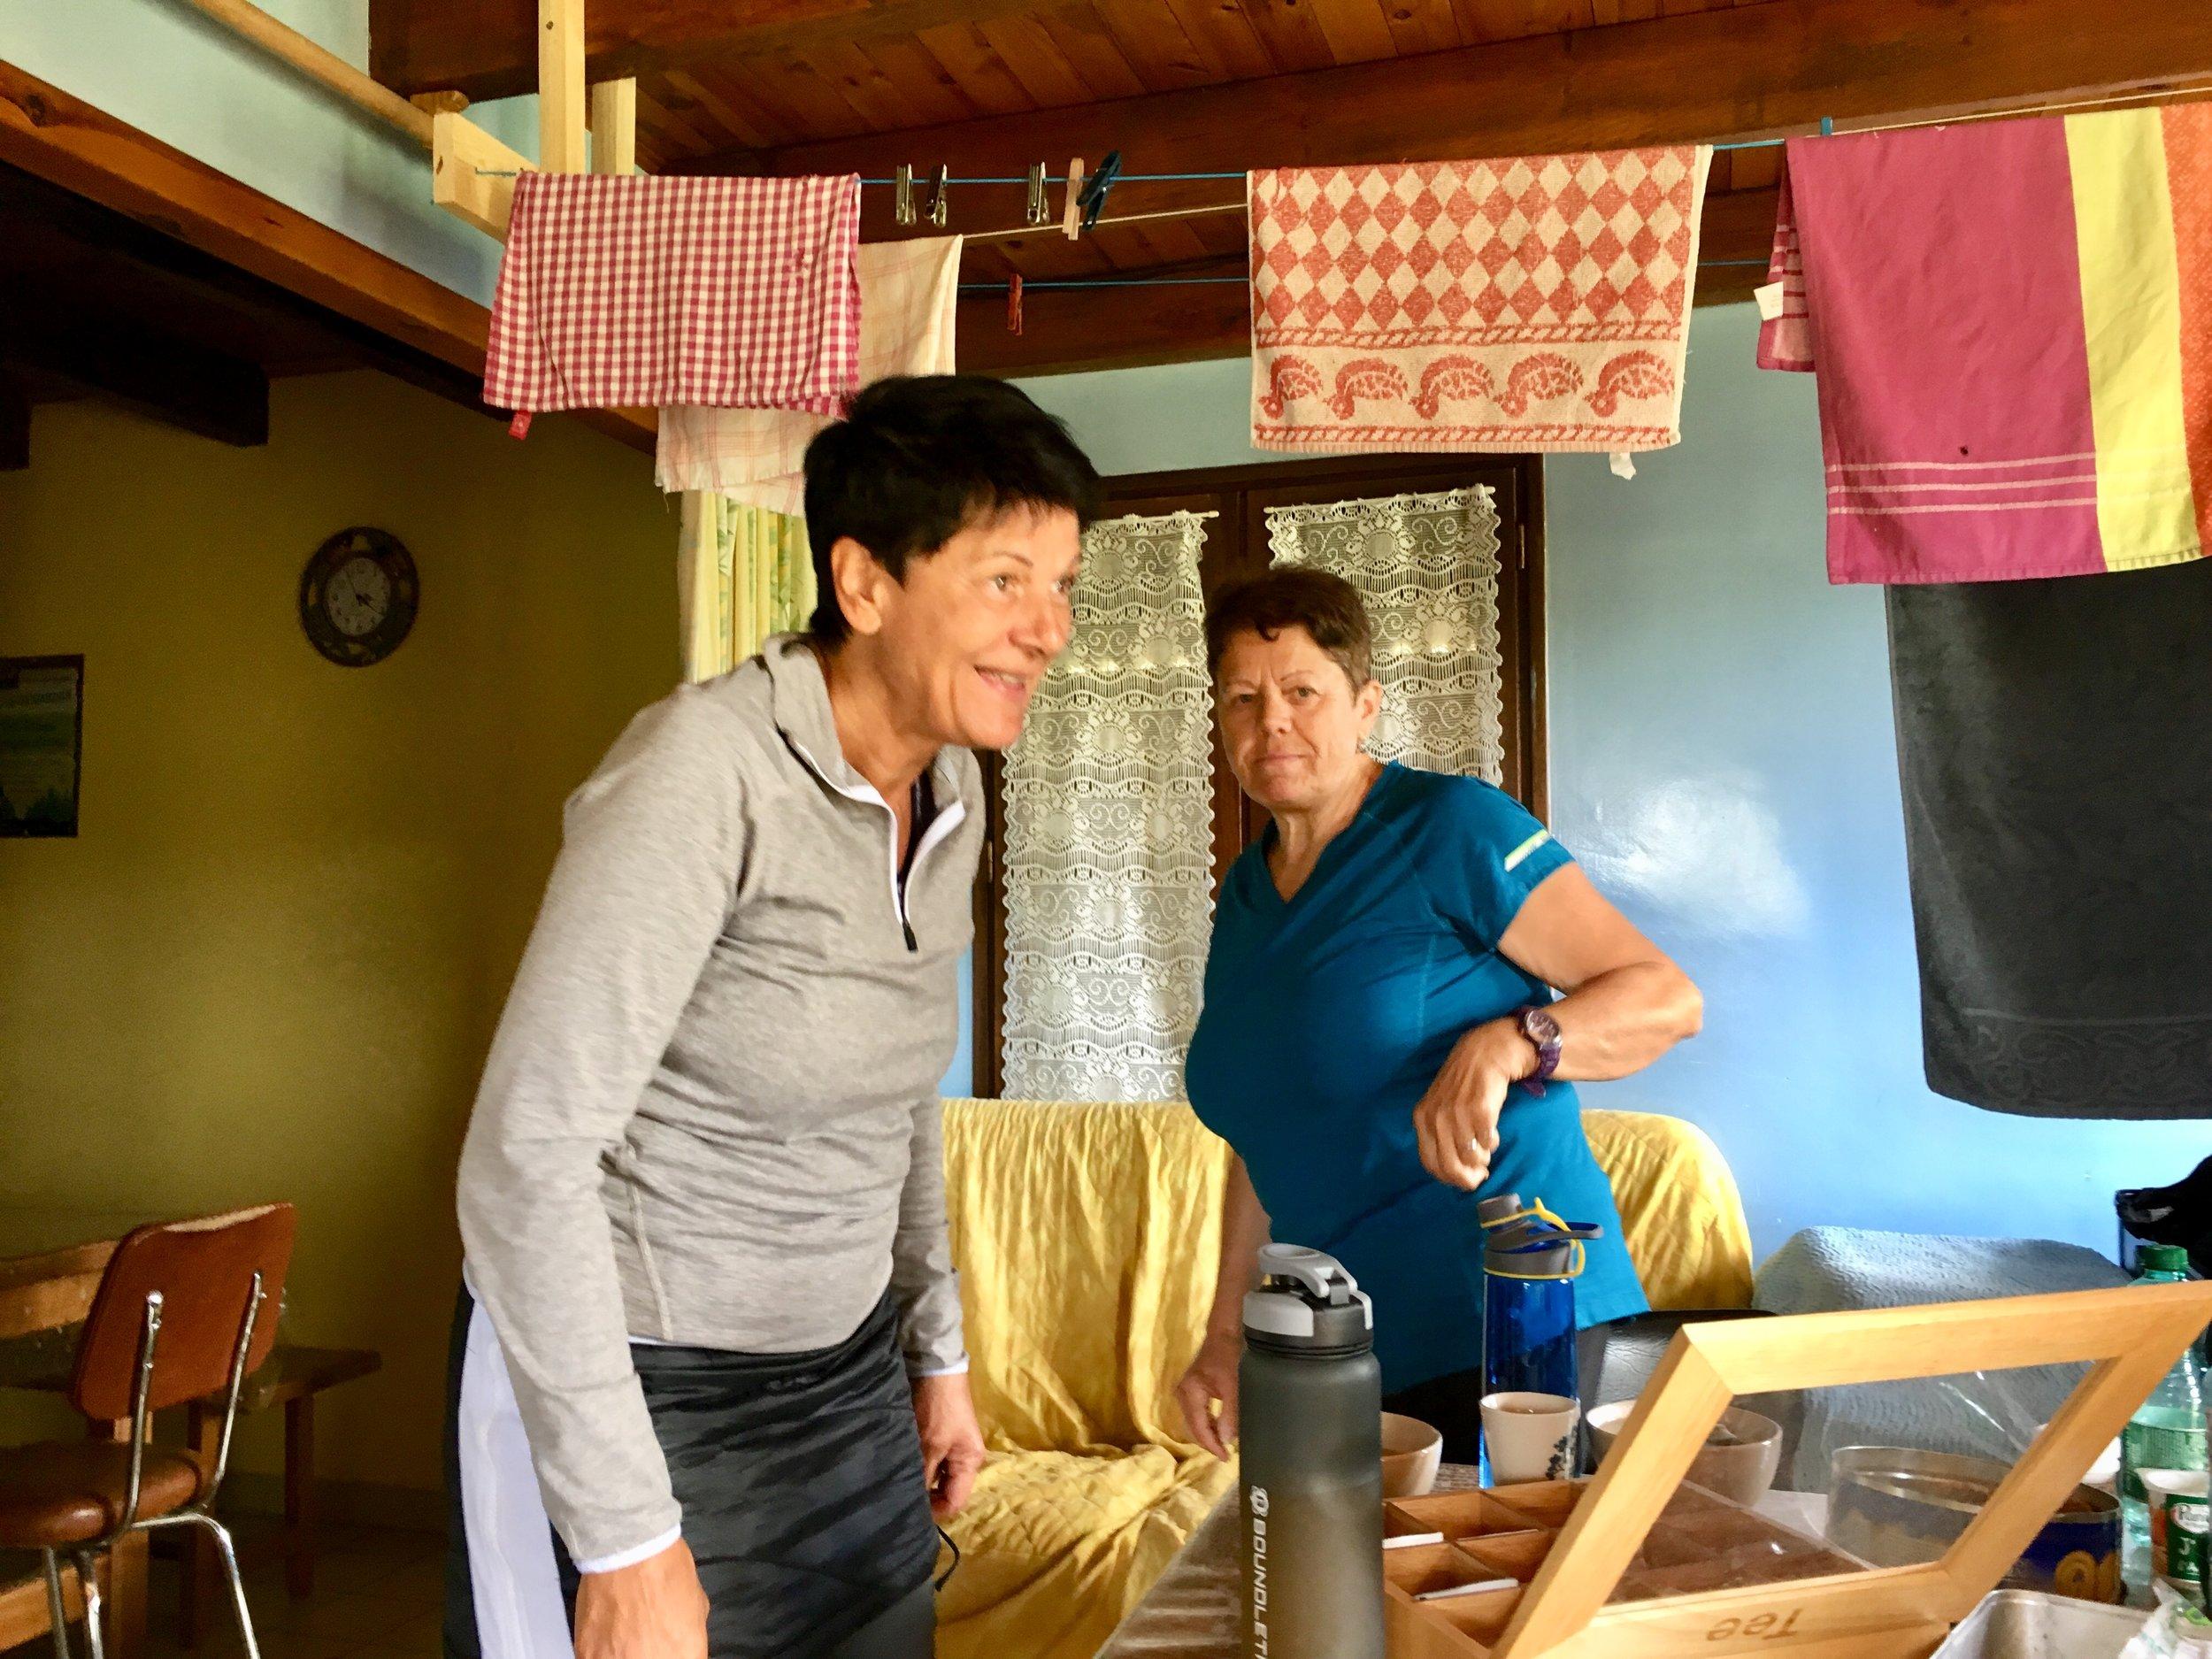 Andrea und Helga in unserer gestrigen Herberge, die war gleich über einem Kuhstall